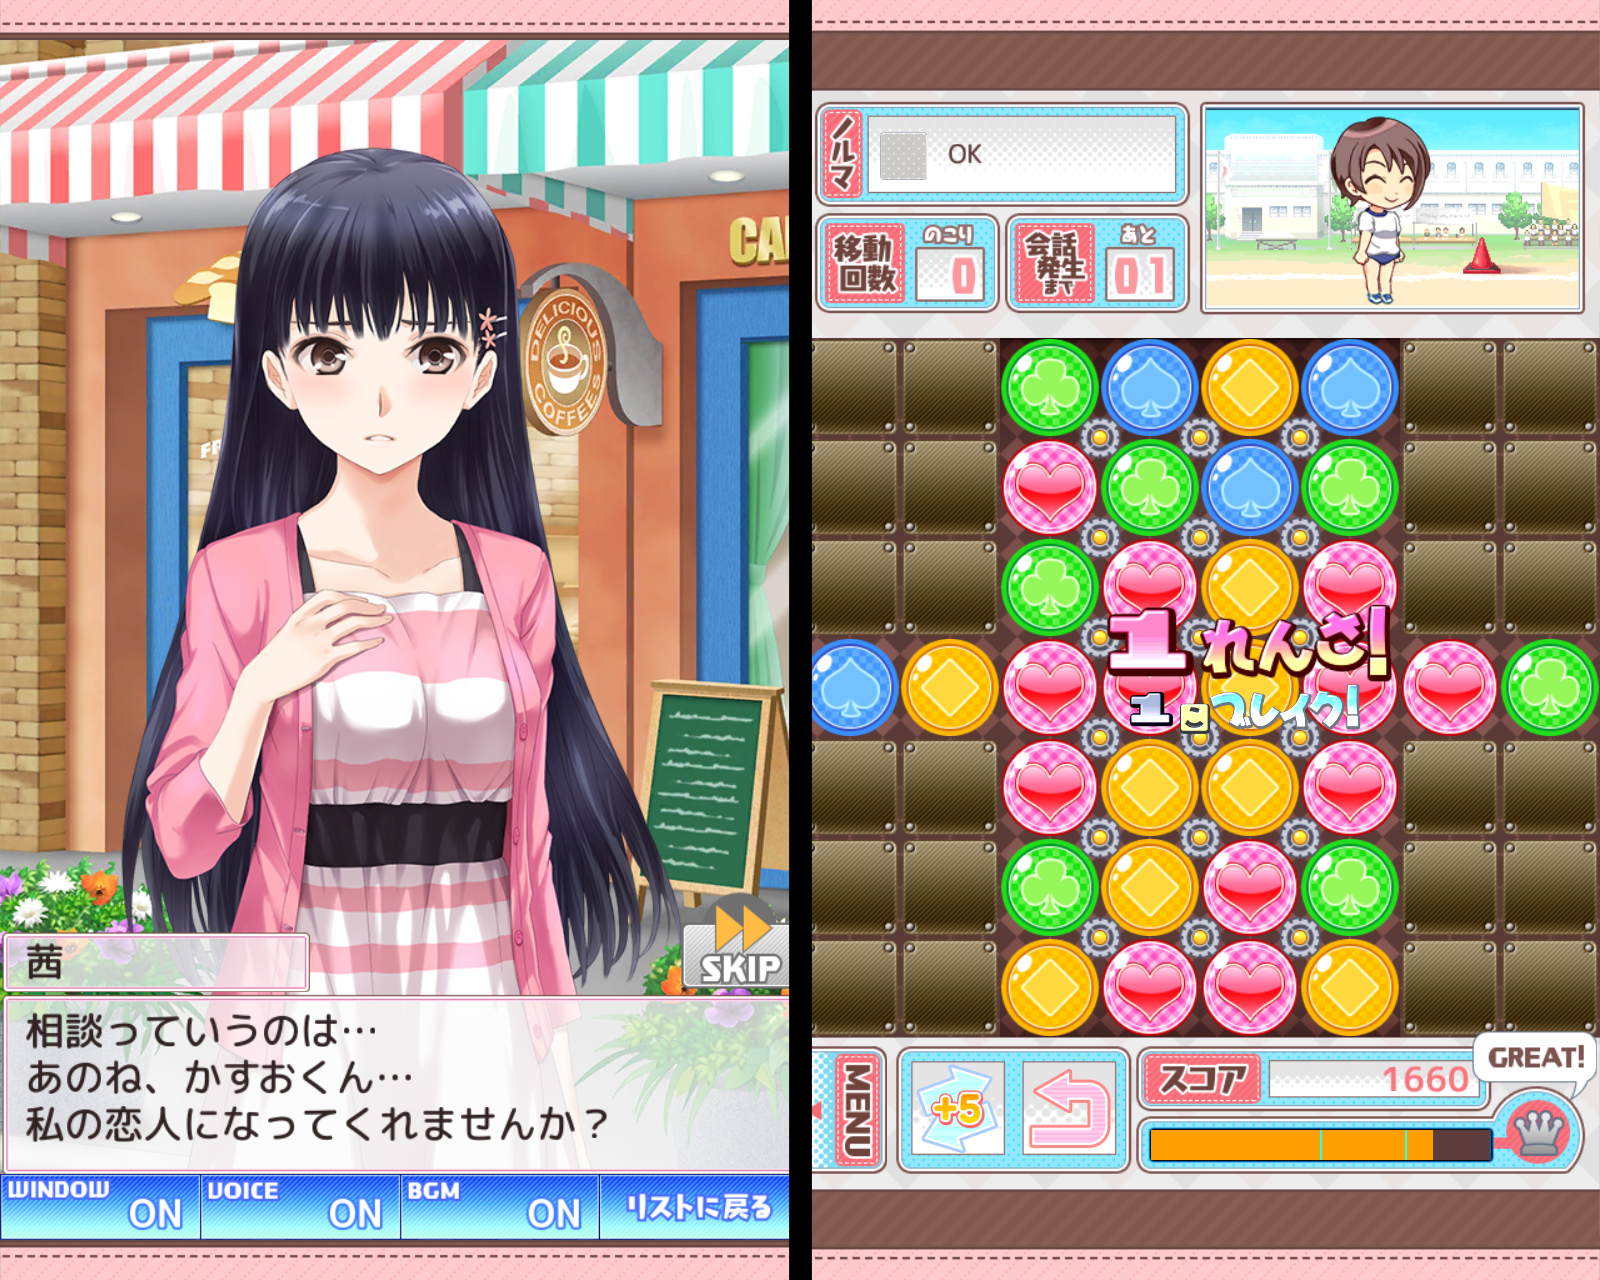 恋鎖反応 androidアプリスクリーンショット1